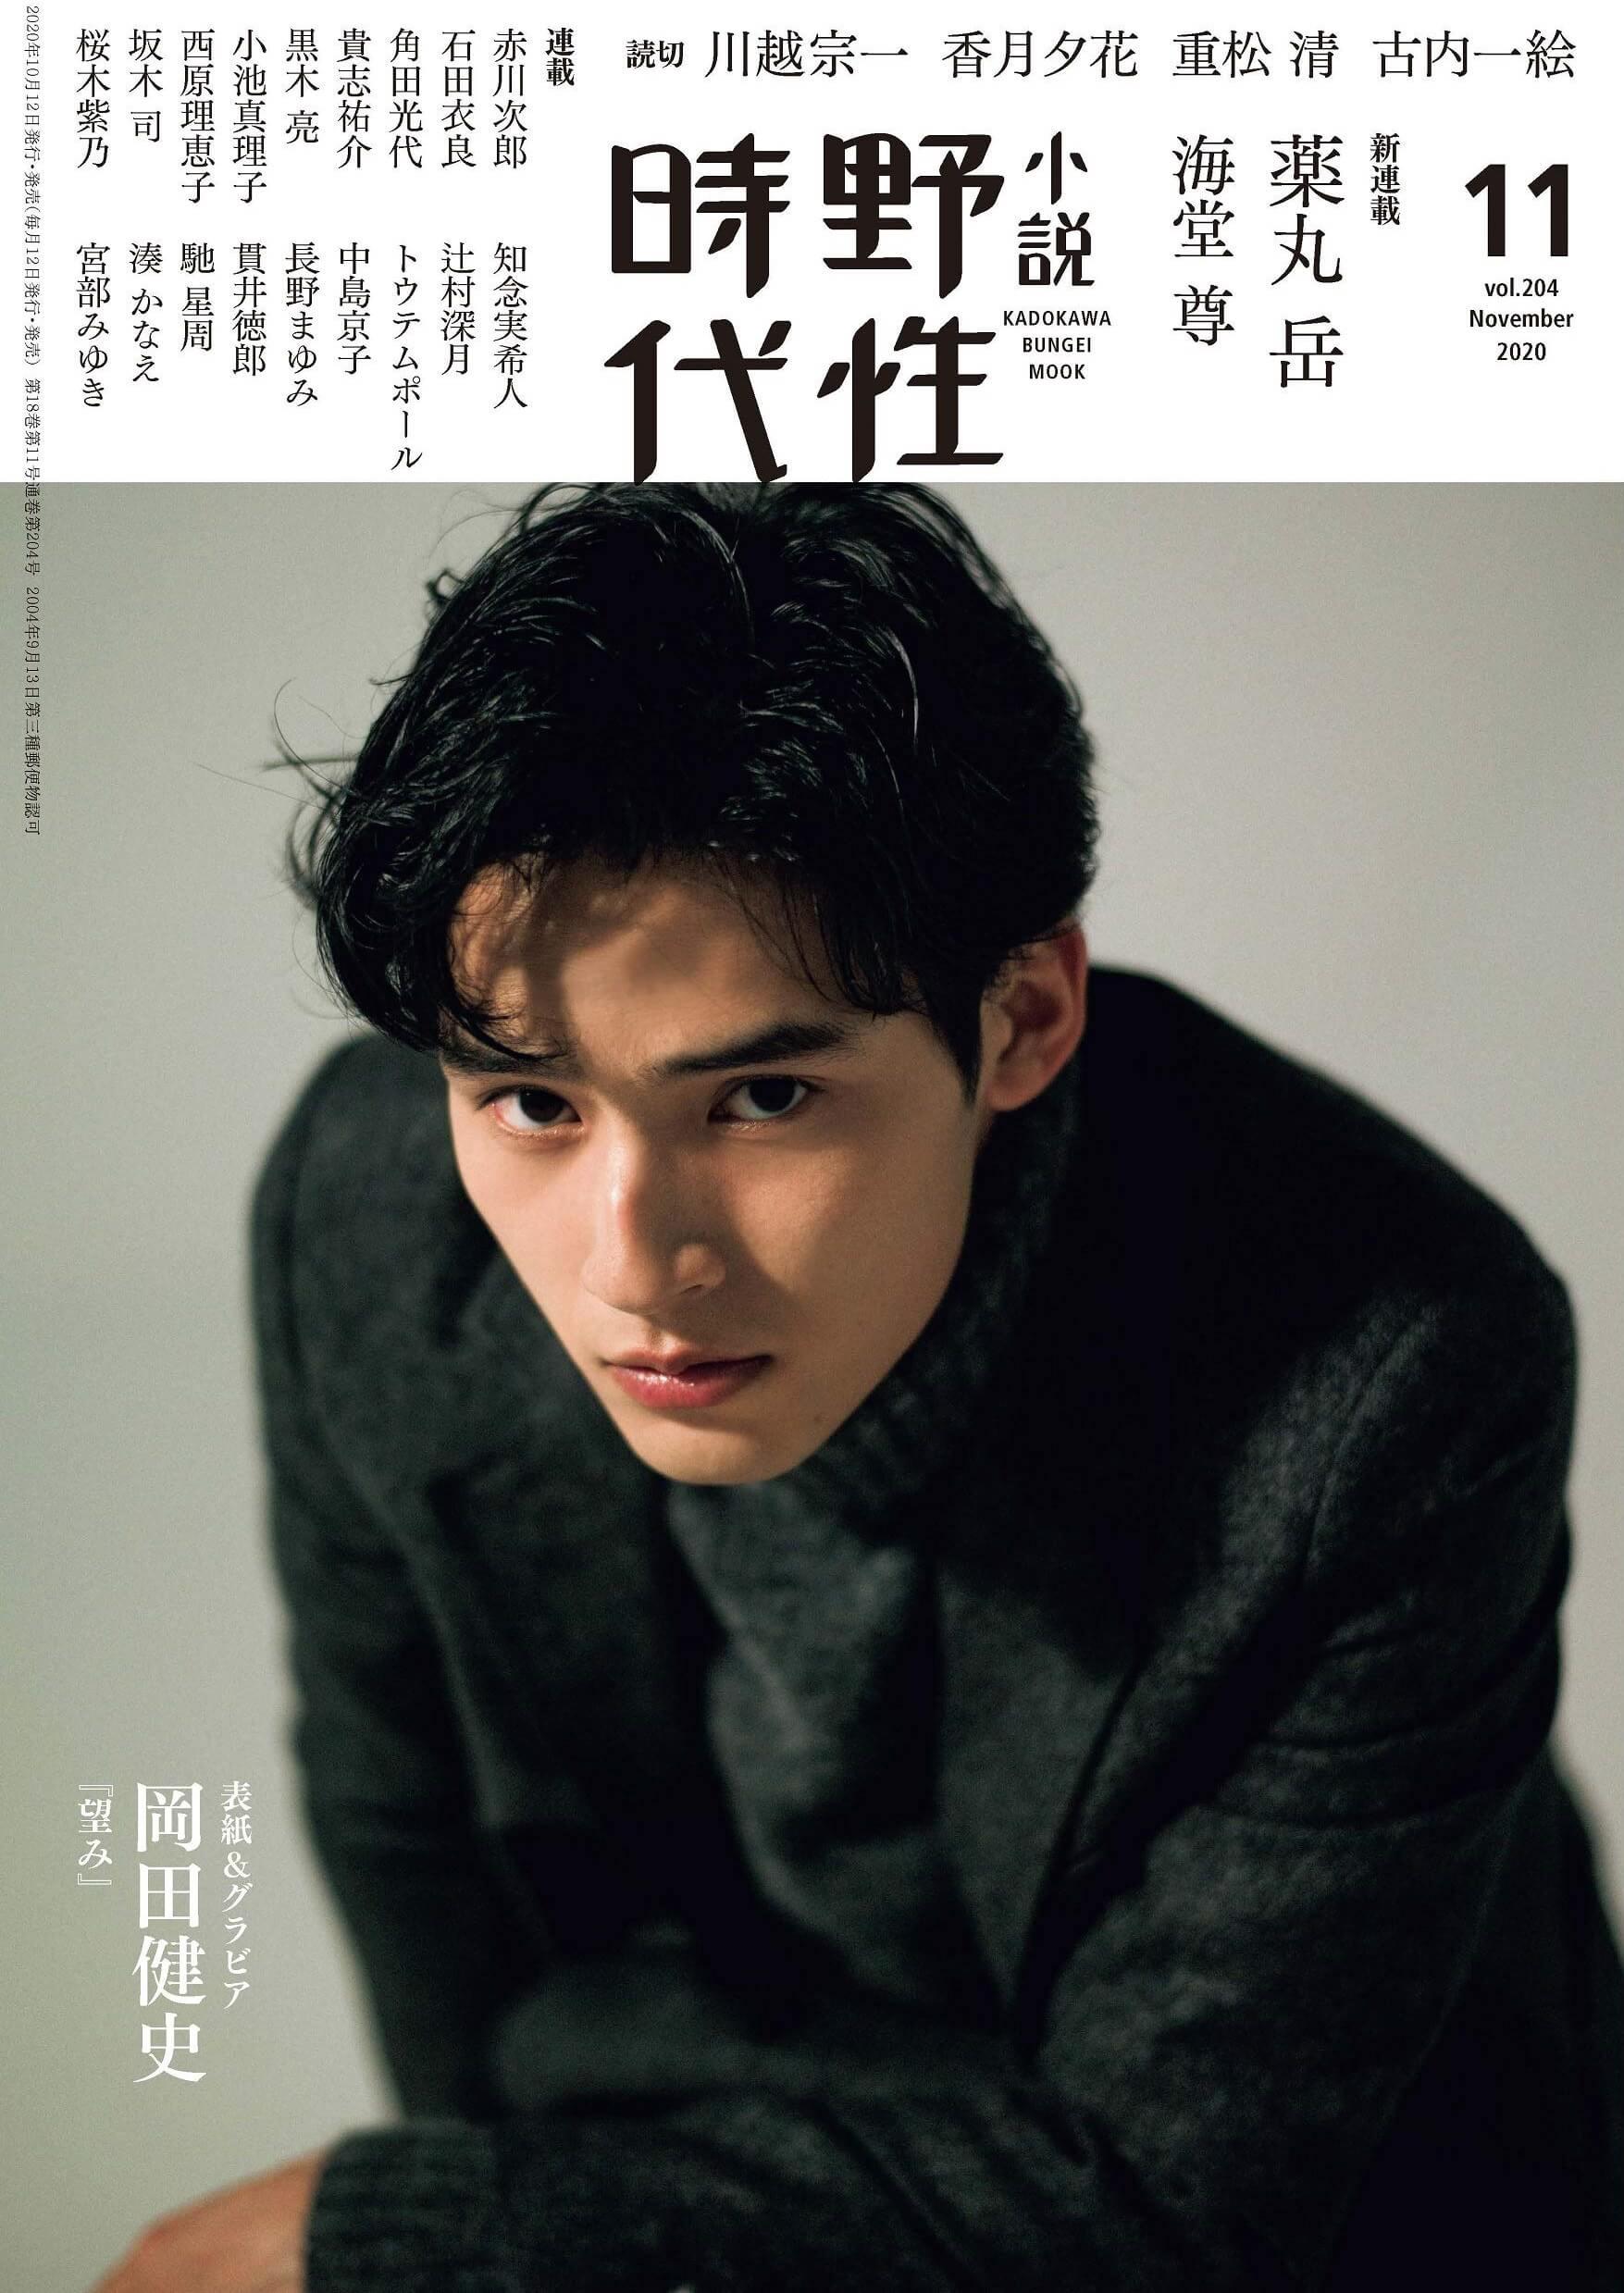 小説 野性時代 第204号 2020年11月号 (KADOKAWA文芸MOOK 206)